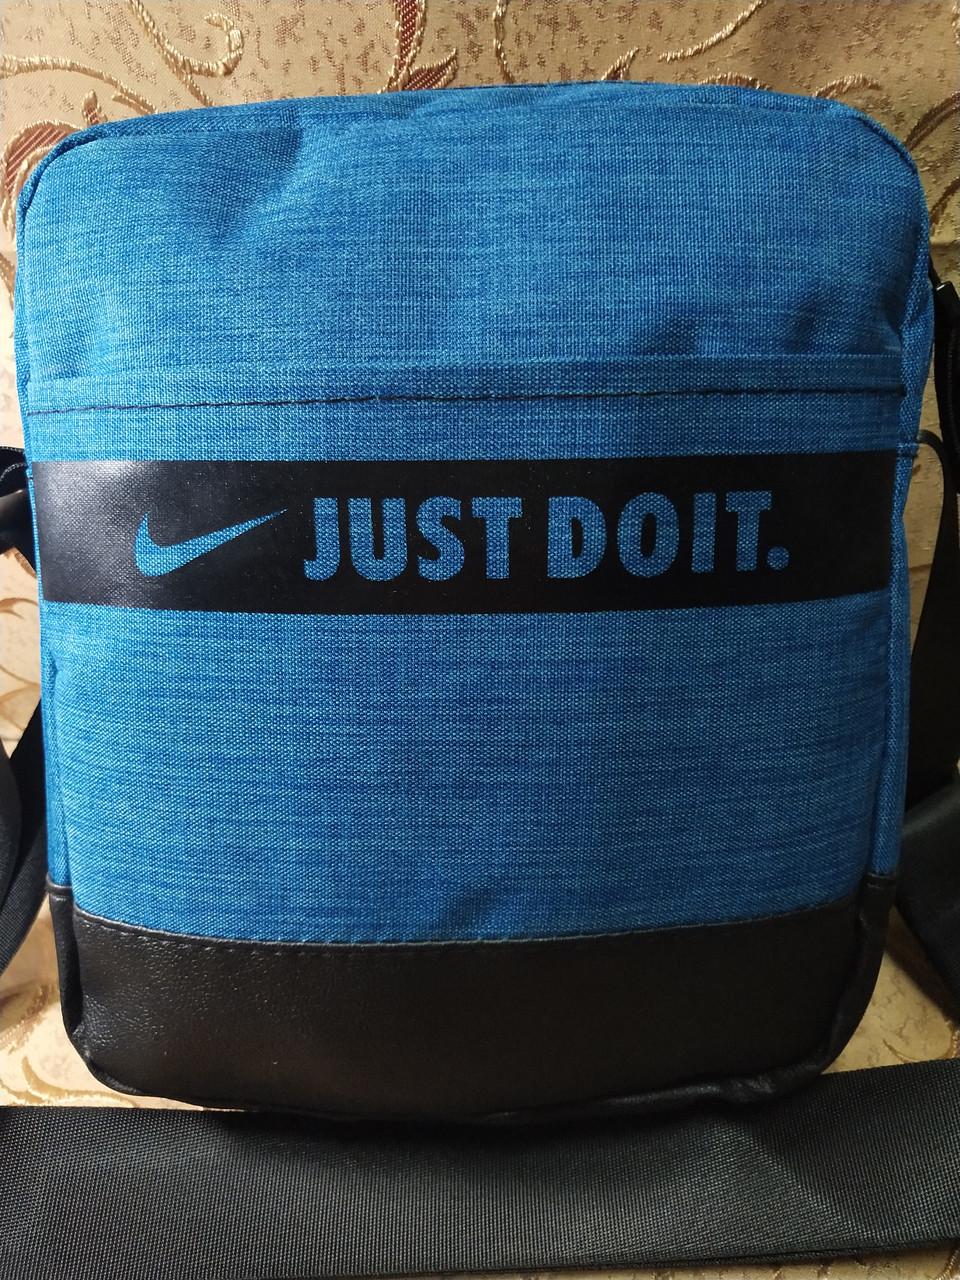 Барсетка сумка NIKE Мессенджер ткань для через плечо Унисекс спортивные стильная ОПТ